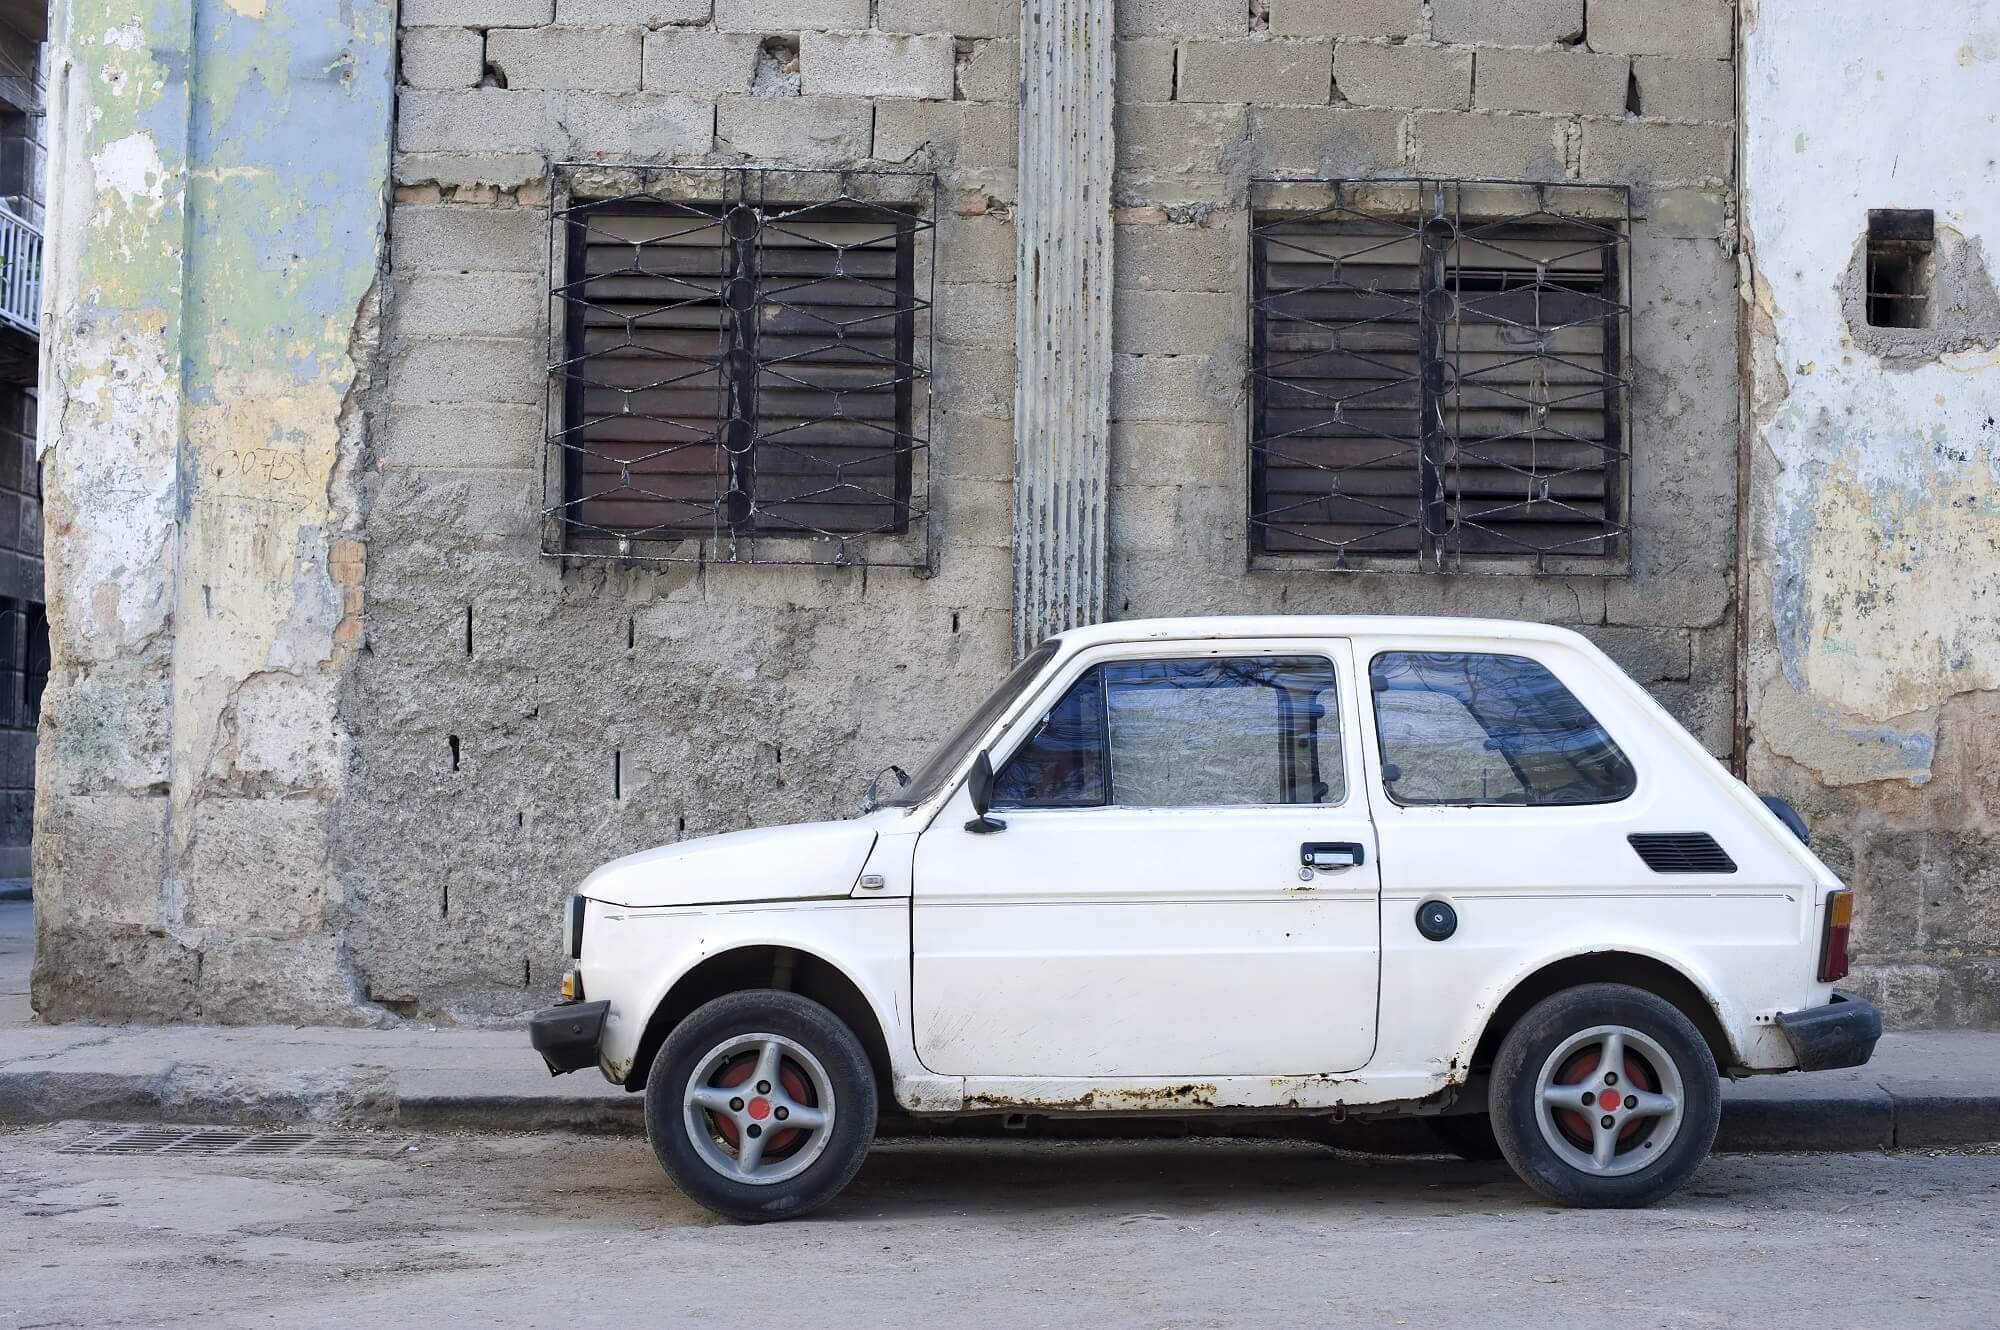 Ubezpieczenie AC starego samochodu